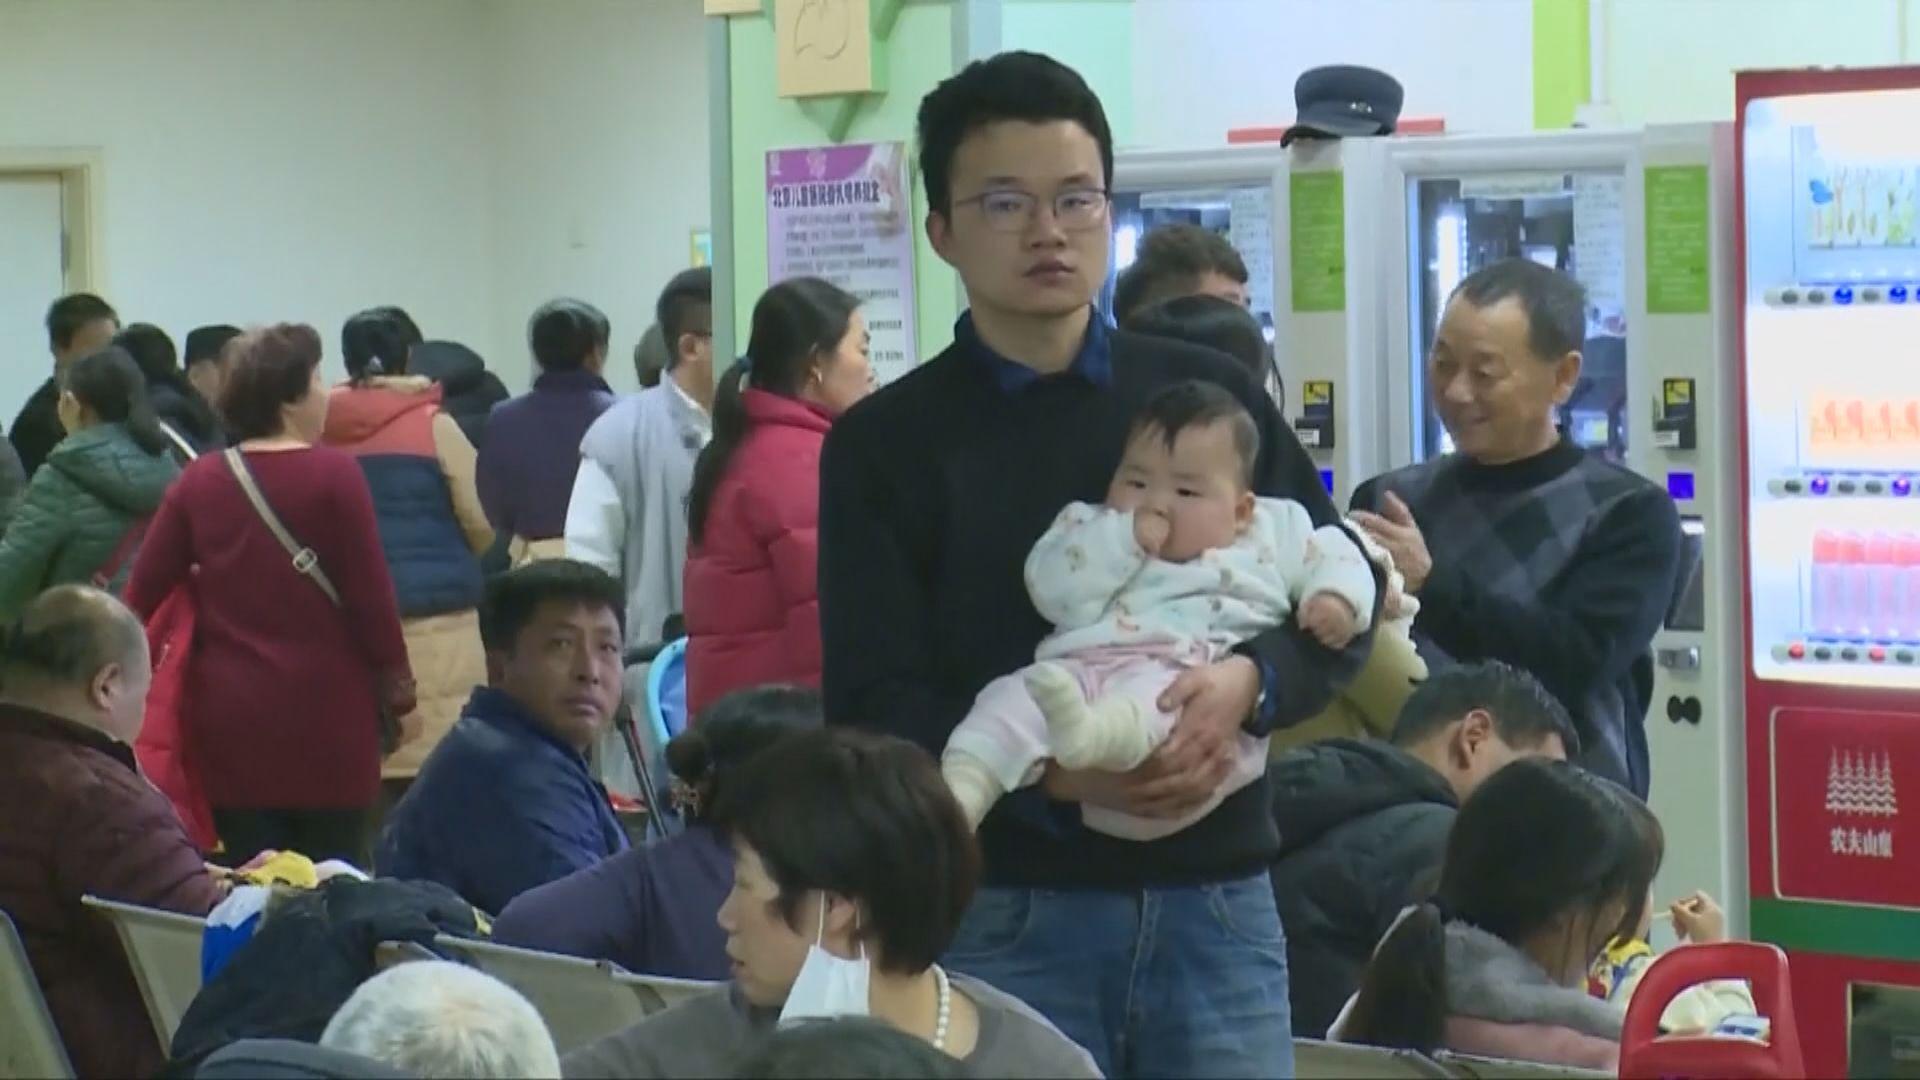 中國去年新生兒數目按年大跌15%